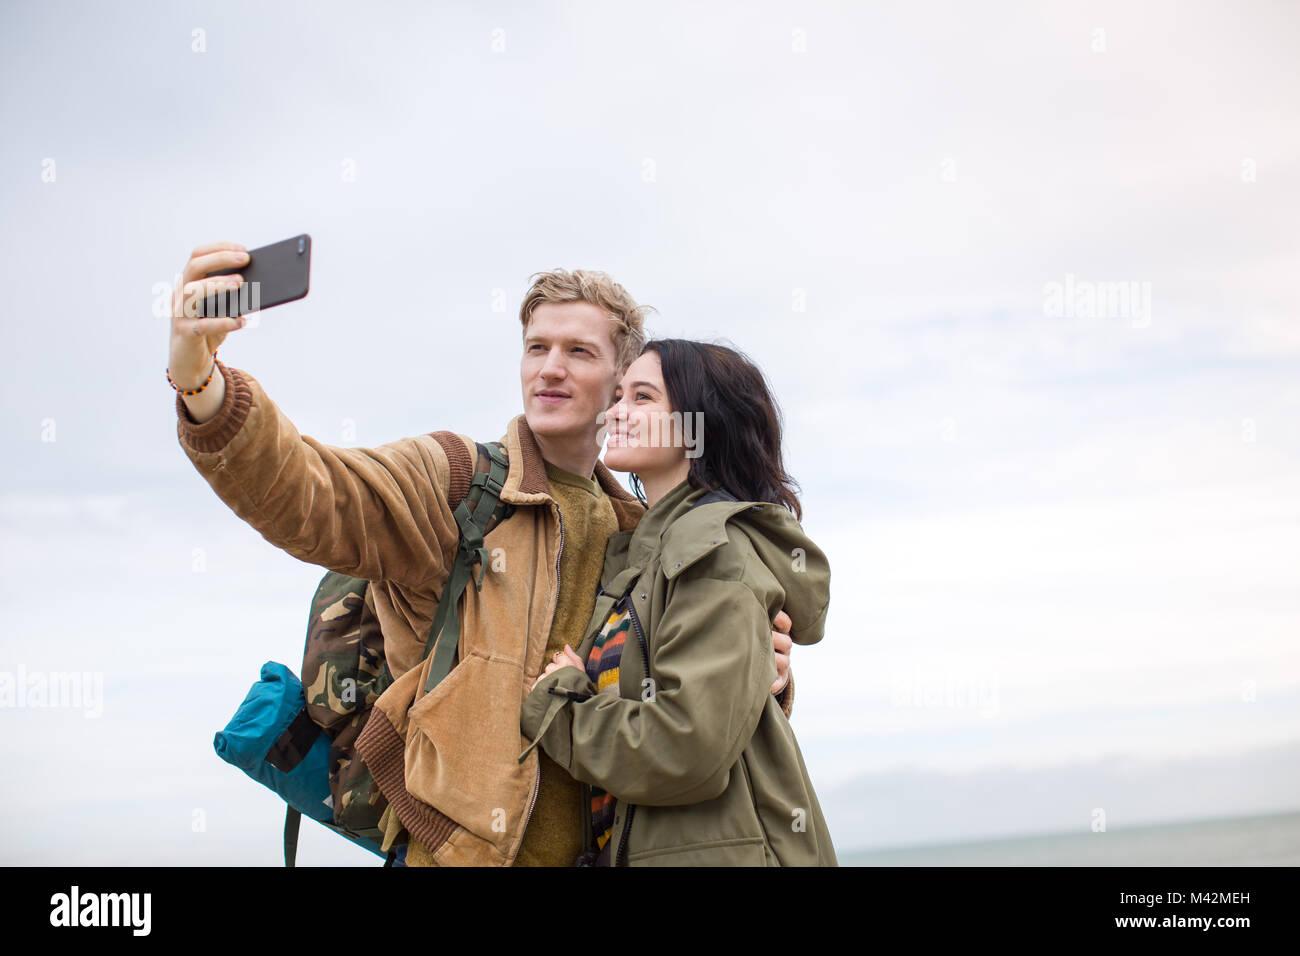 Pareja joven teniendo un selfie de camping Imagen De Stock